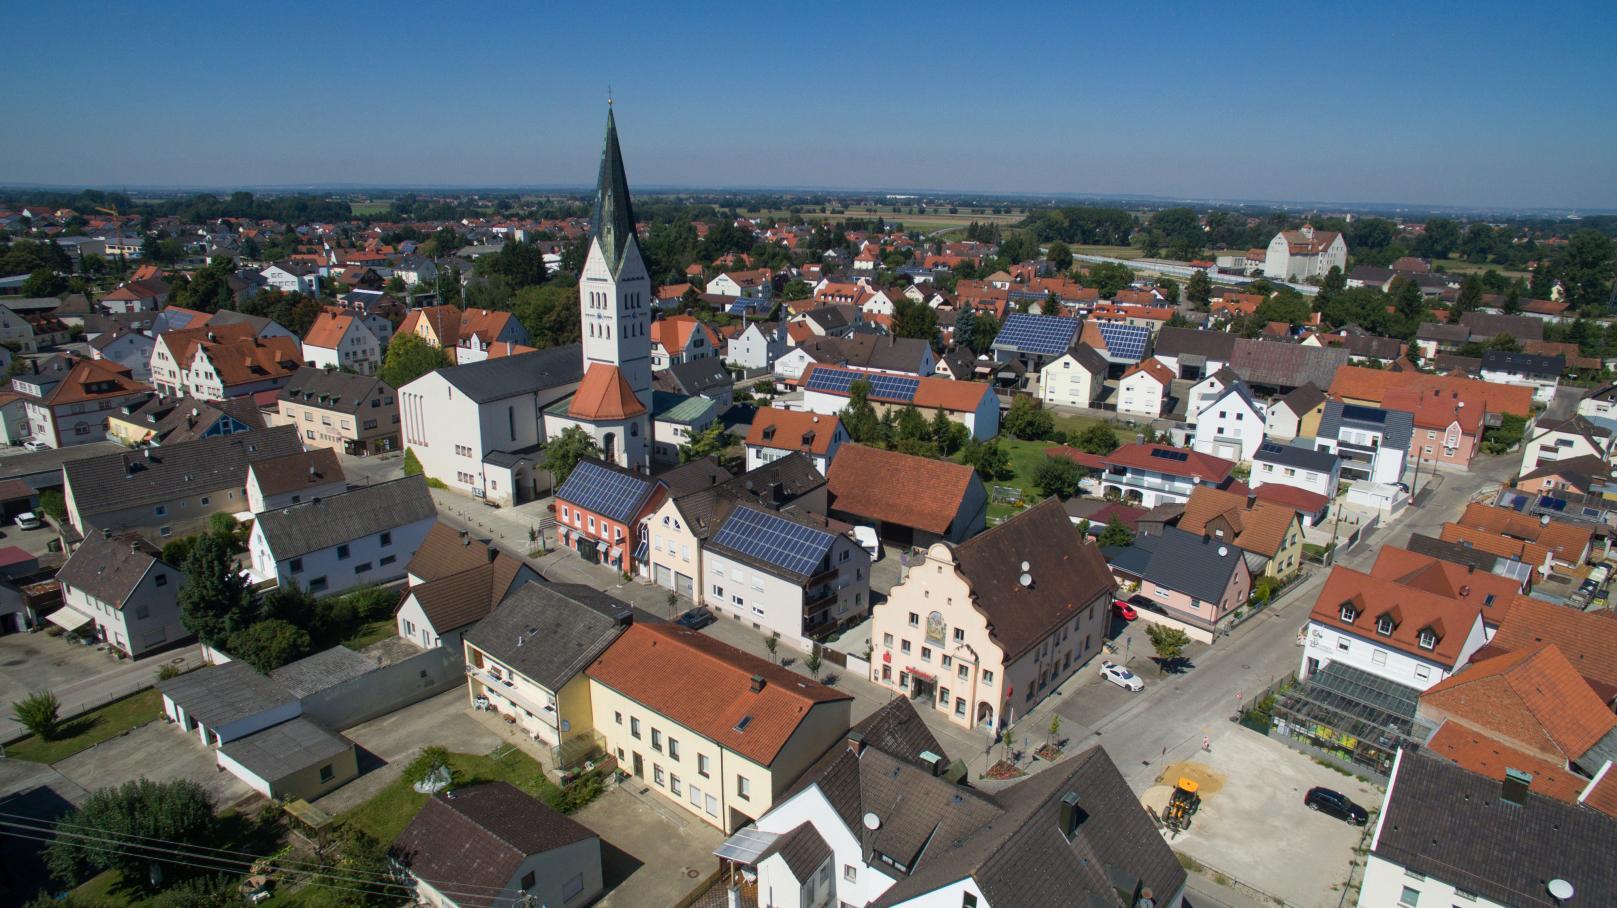 Vor mehr als 560 Jahren wurde Reichertshofen das Marktrecht verliehen und wurde so zum Zentrum der kleineren umliegenden Orte. Das ist auch heute noch so.